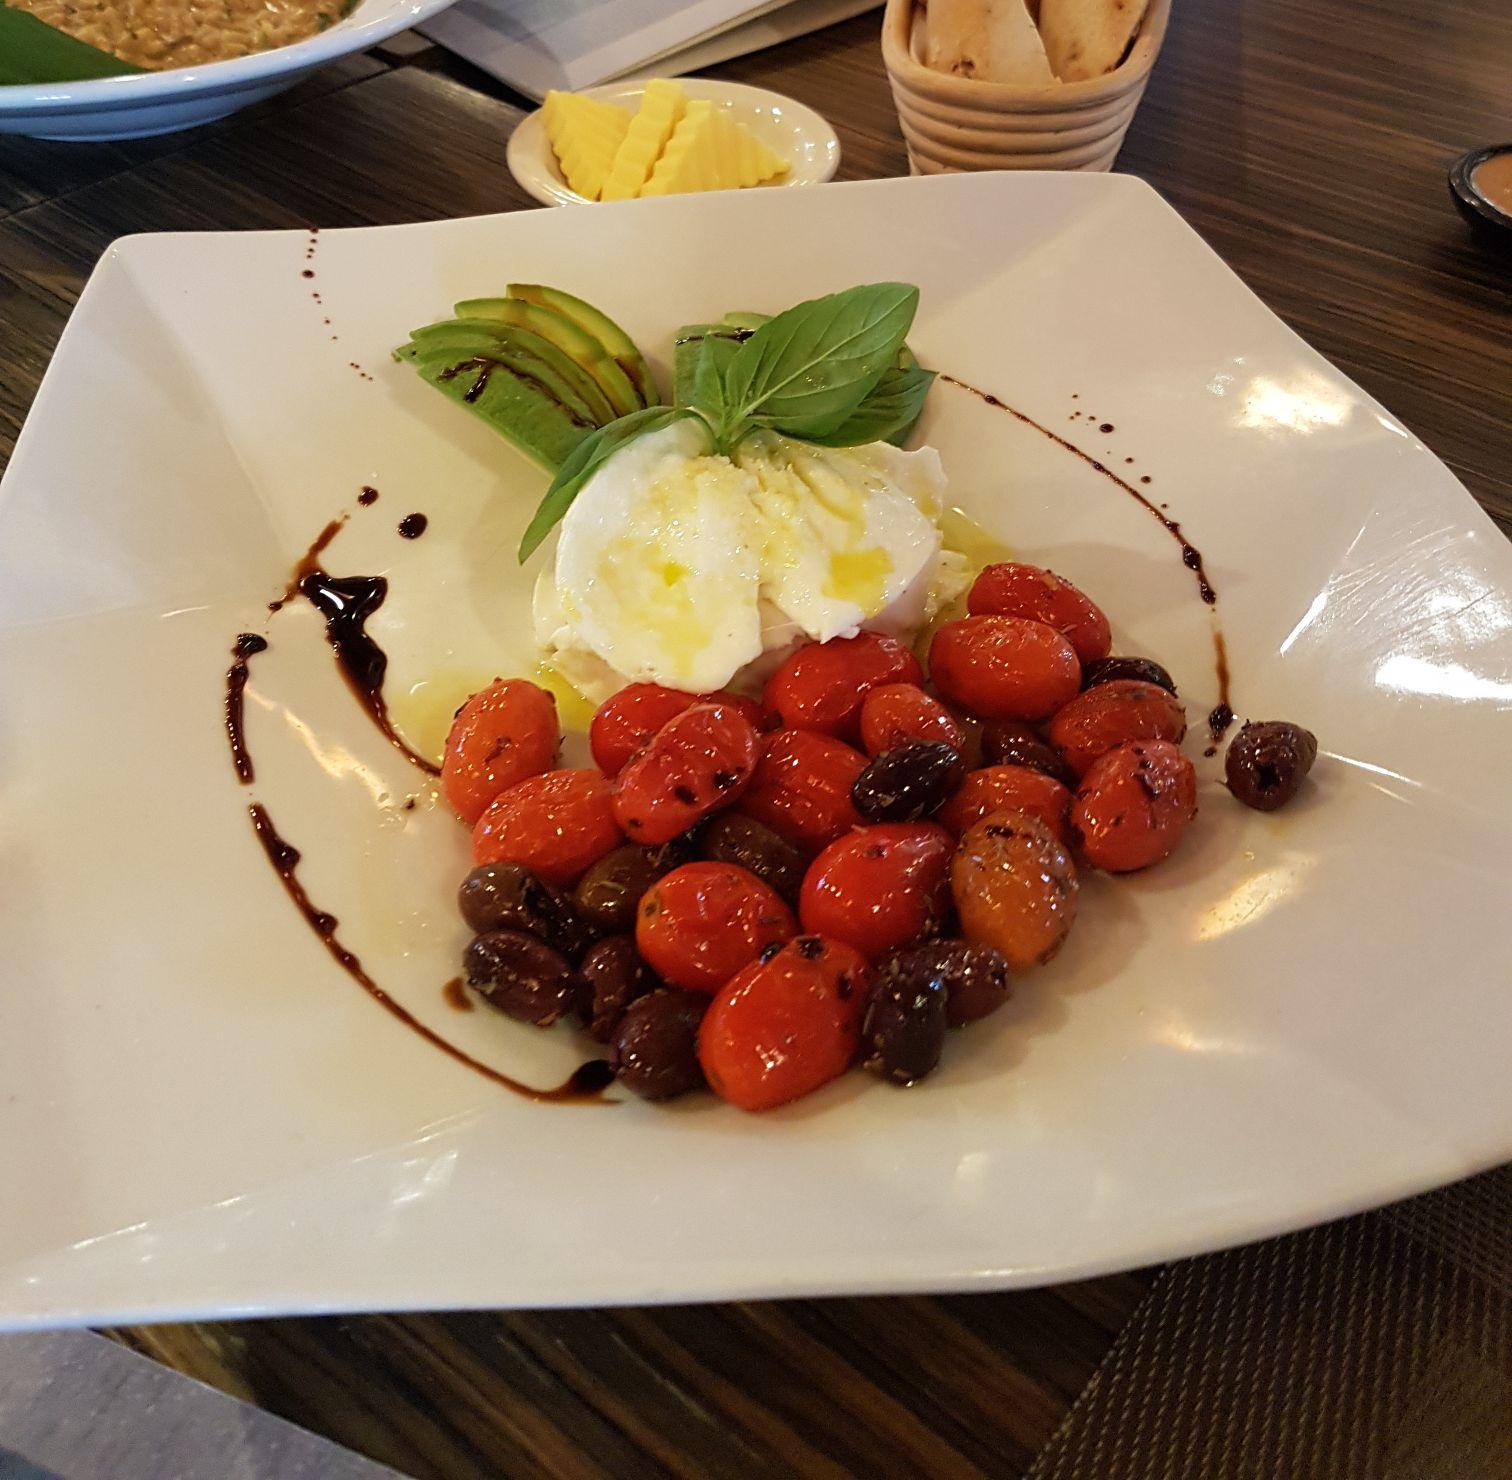 Bocconcini, Tomato and Avocado Salad